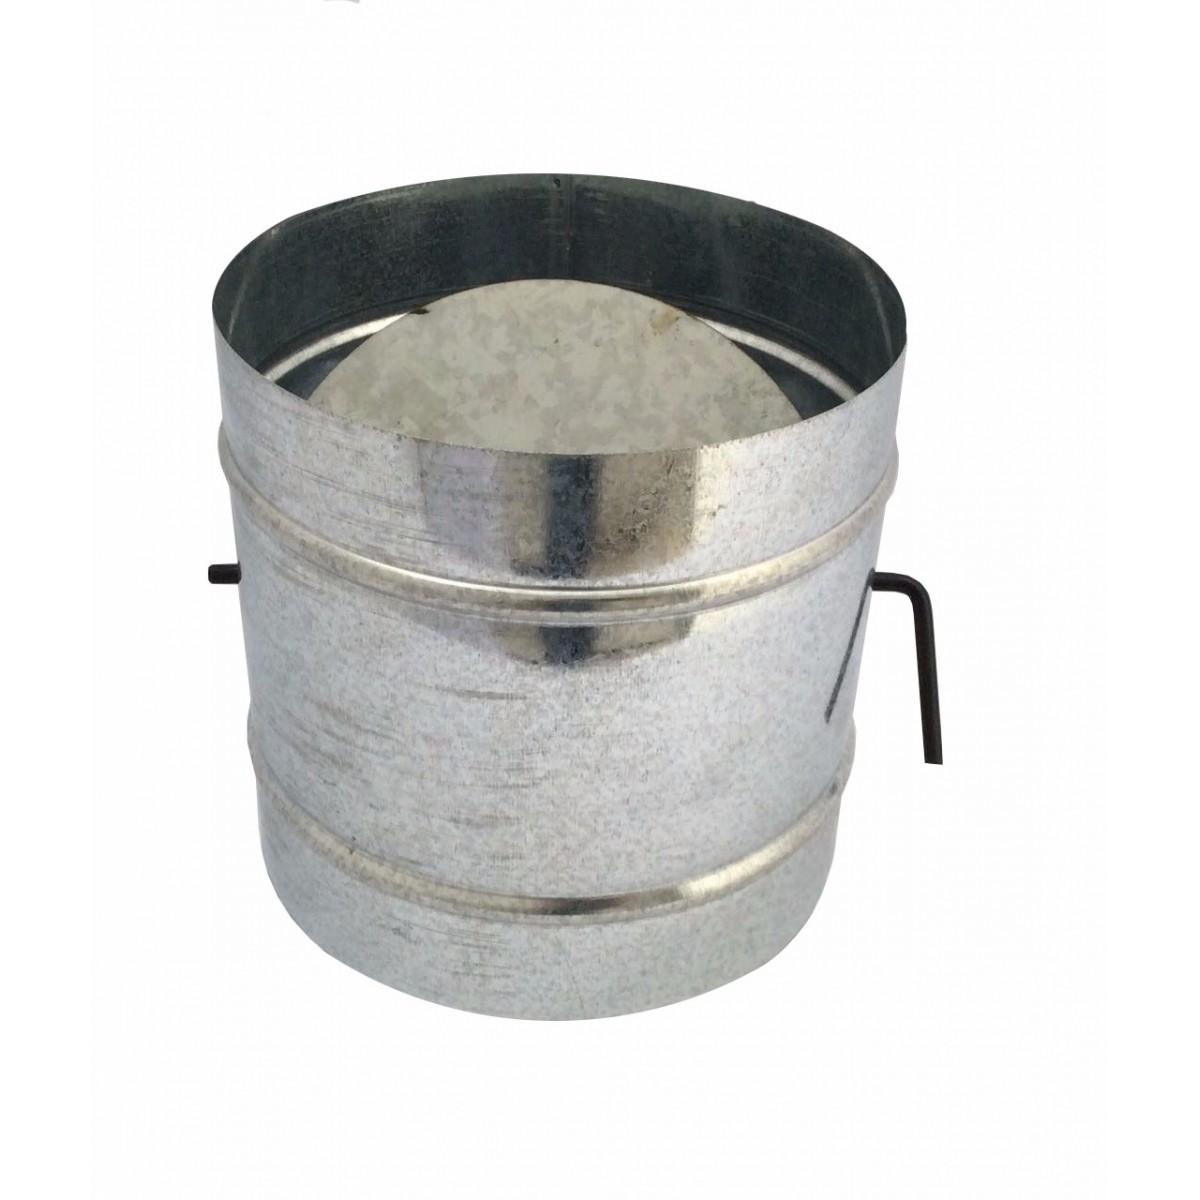 Registro / dumper galvanizado para chaminé de 150 mm de diâmetro  - Galvocalhas